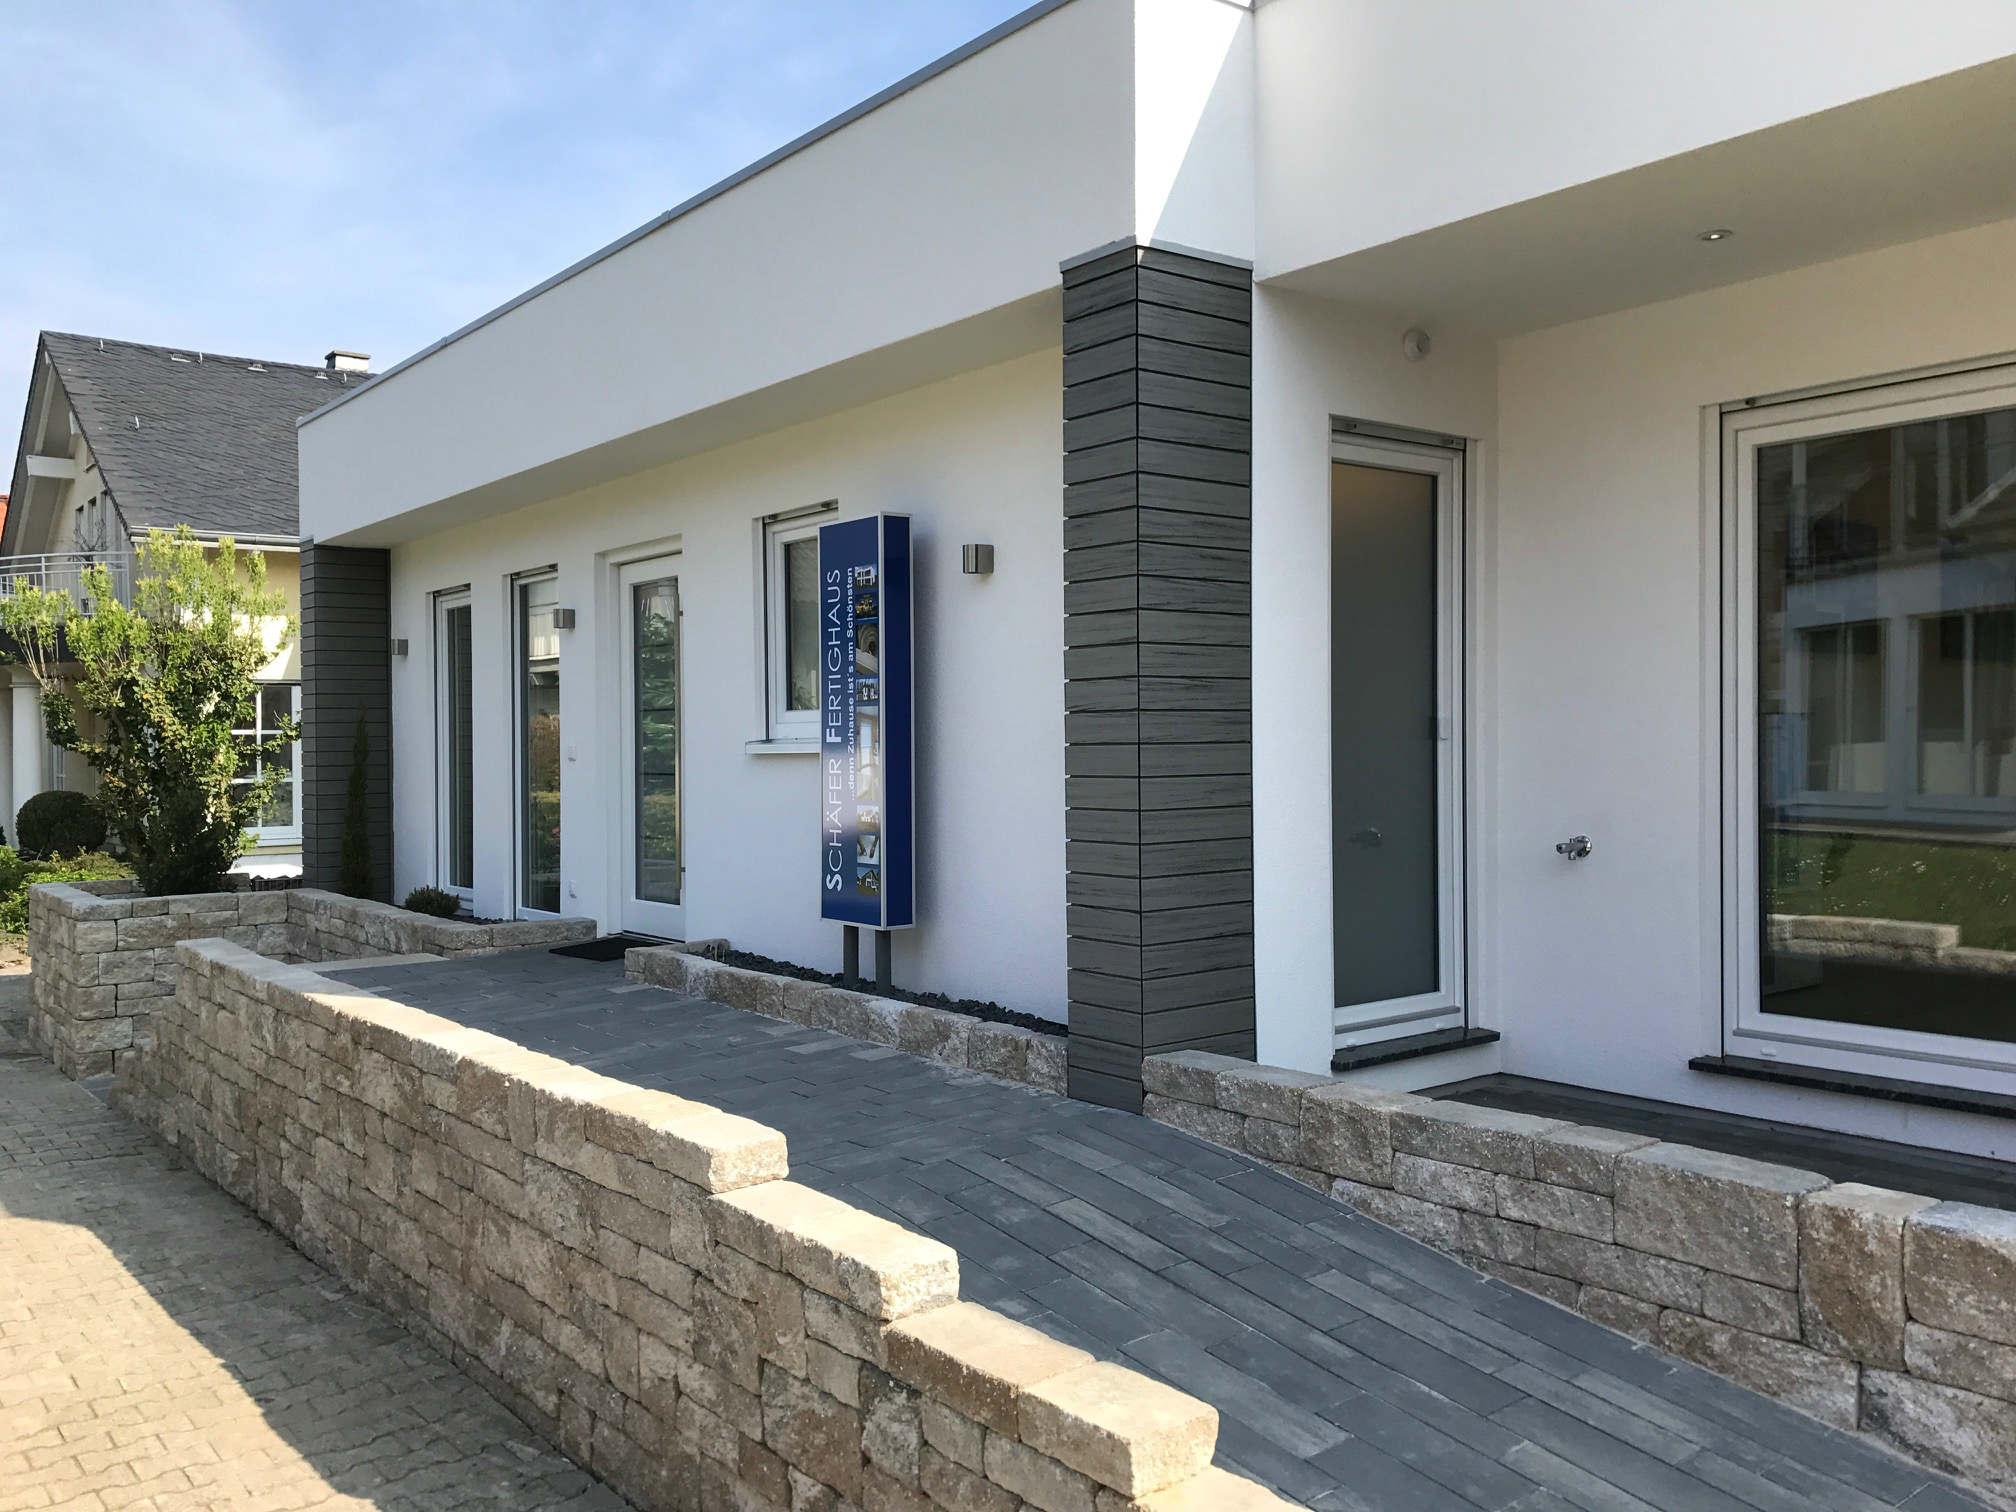 Finanzierungsberatung zur neuen BEG-Förderung am Wochenende 26. und 27. Juni im Musterhaus Fellbach